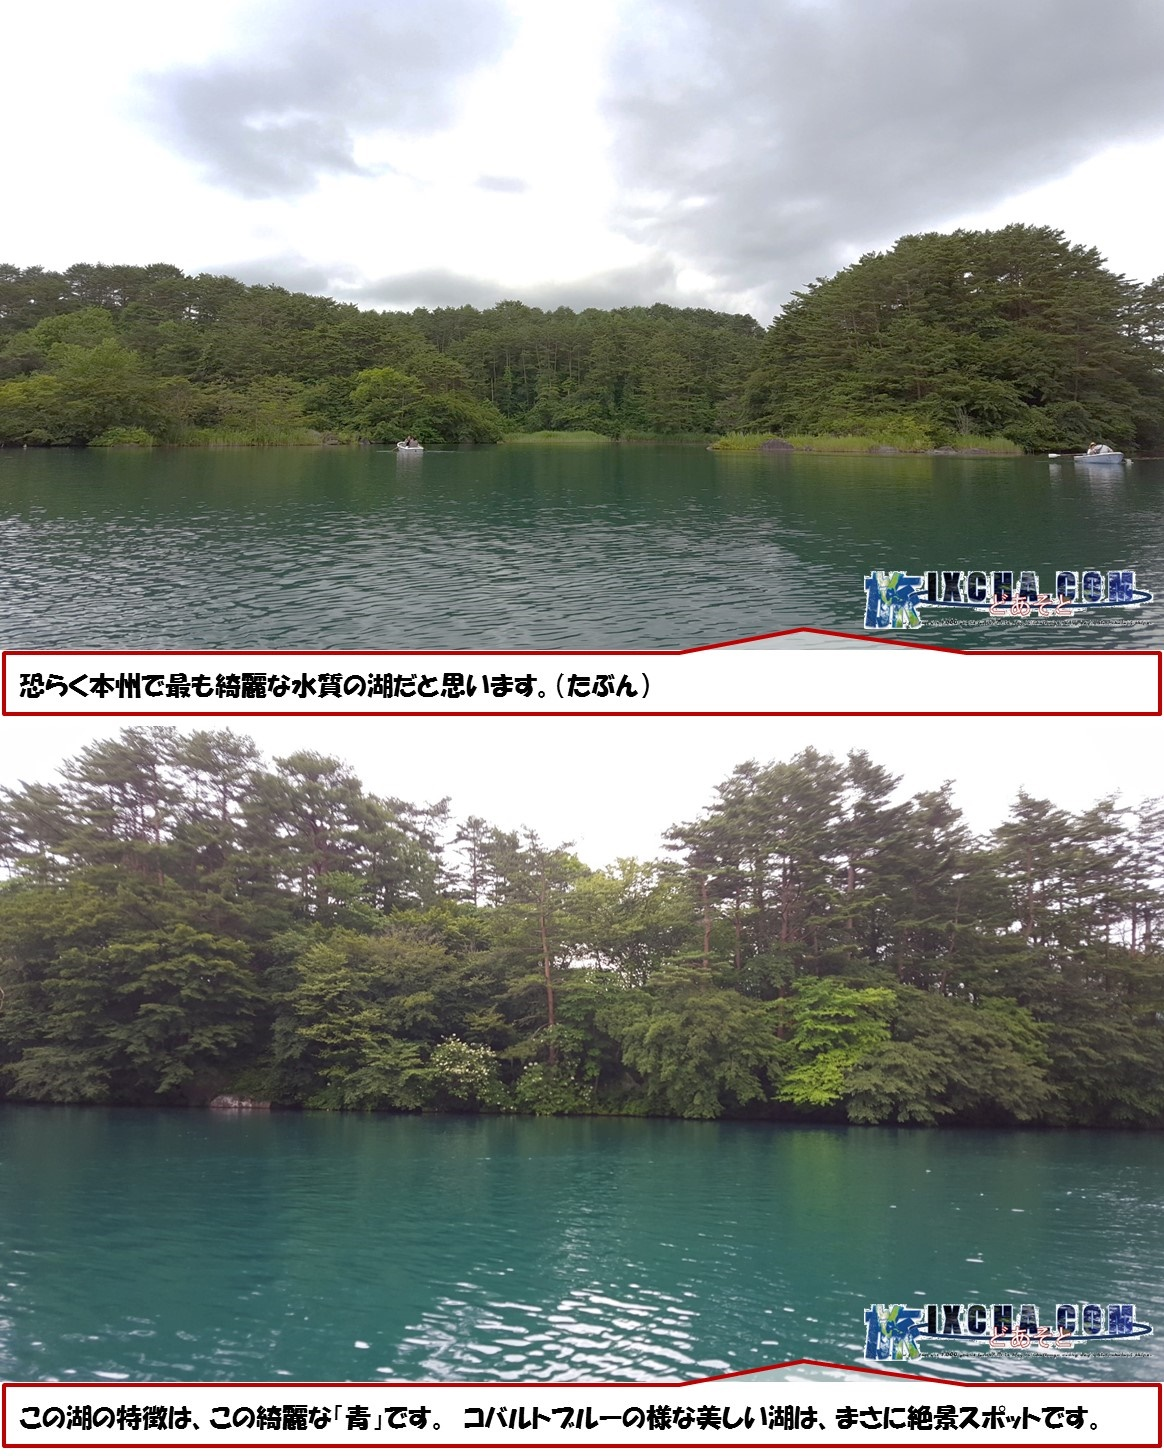 恐らく本州で最も綺麗な水質の湖だと思います。(たぶん) この湖の特徴は、この綺麗な「青」です。 コバルトブルーの様な美しい湖は、まさに絶景スポットです。